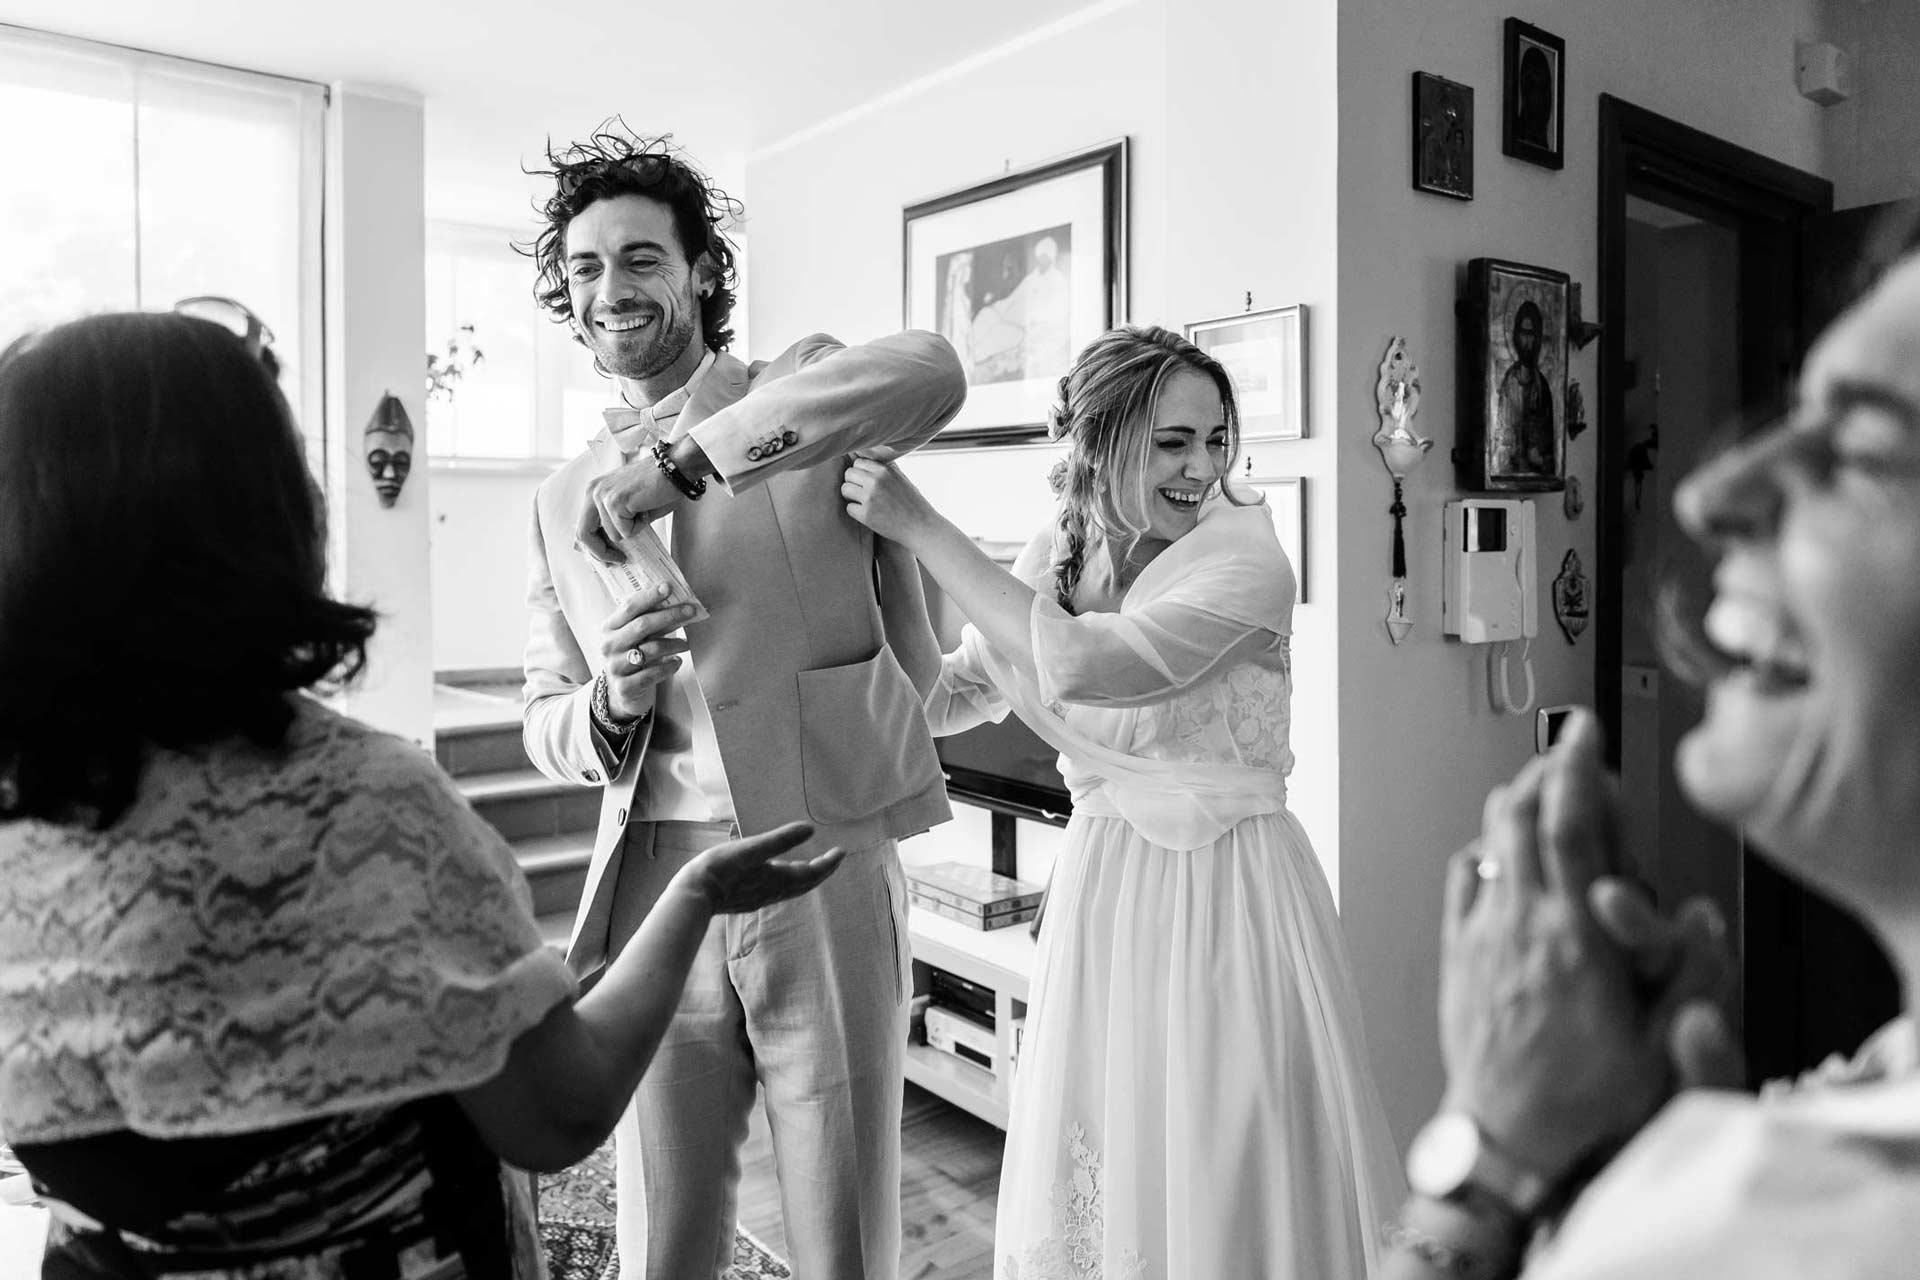 Fotografi-Matrimonio-Roma-Stile-Reportage-Simone-Nunzi